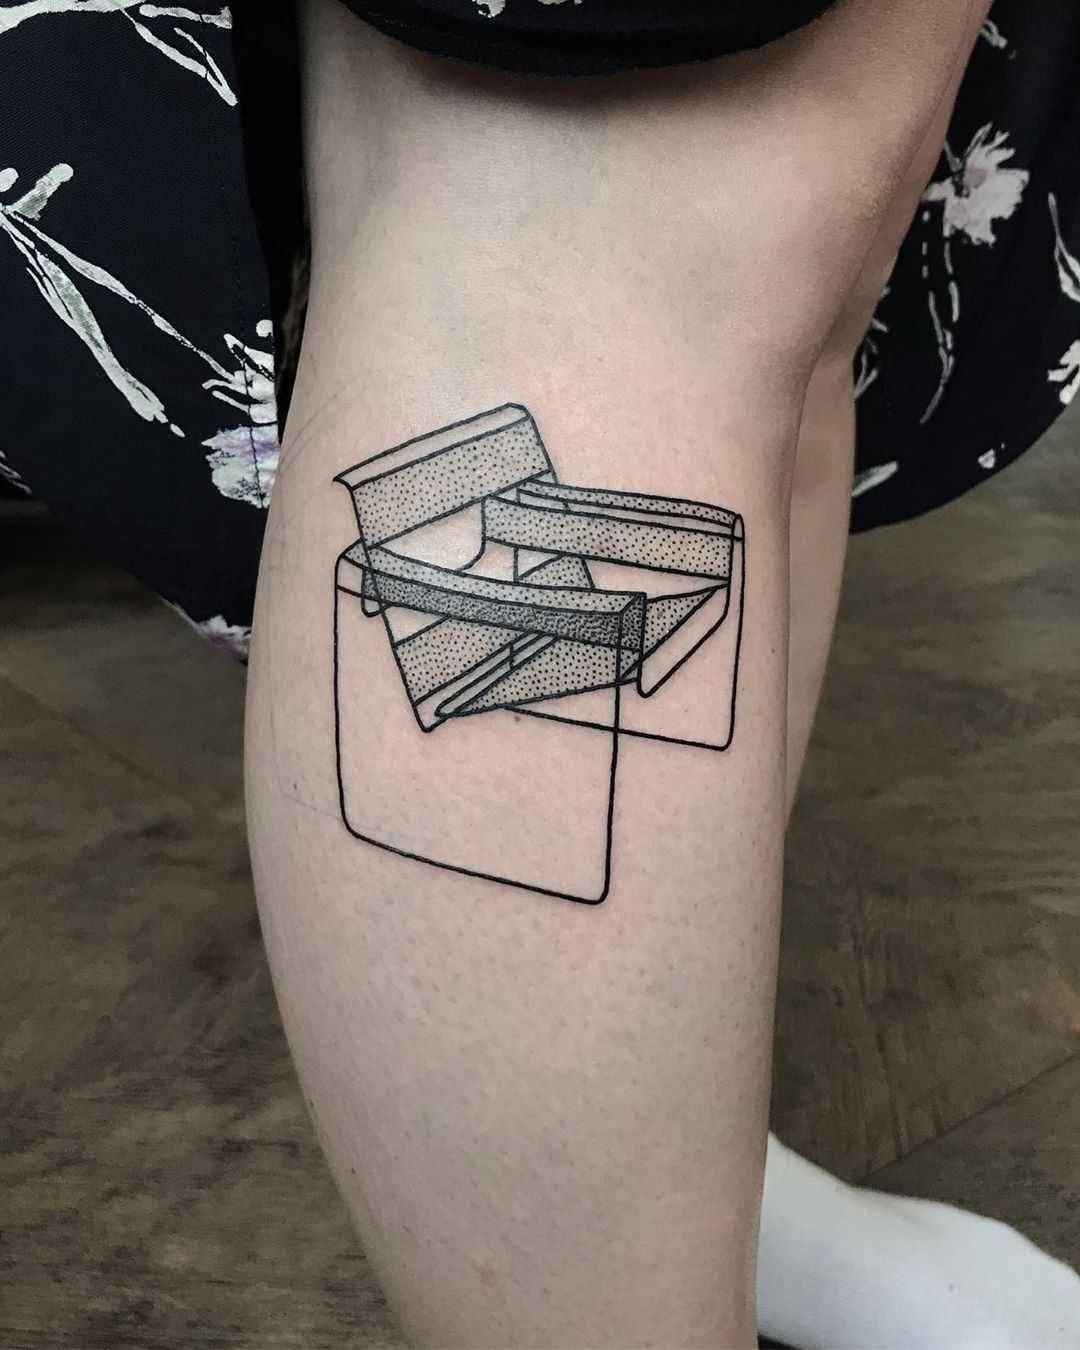 Breuers wassily chair tattoo by skrzyniarz_ in 2020